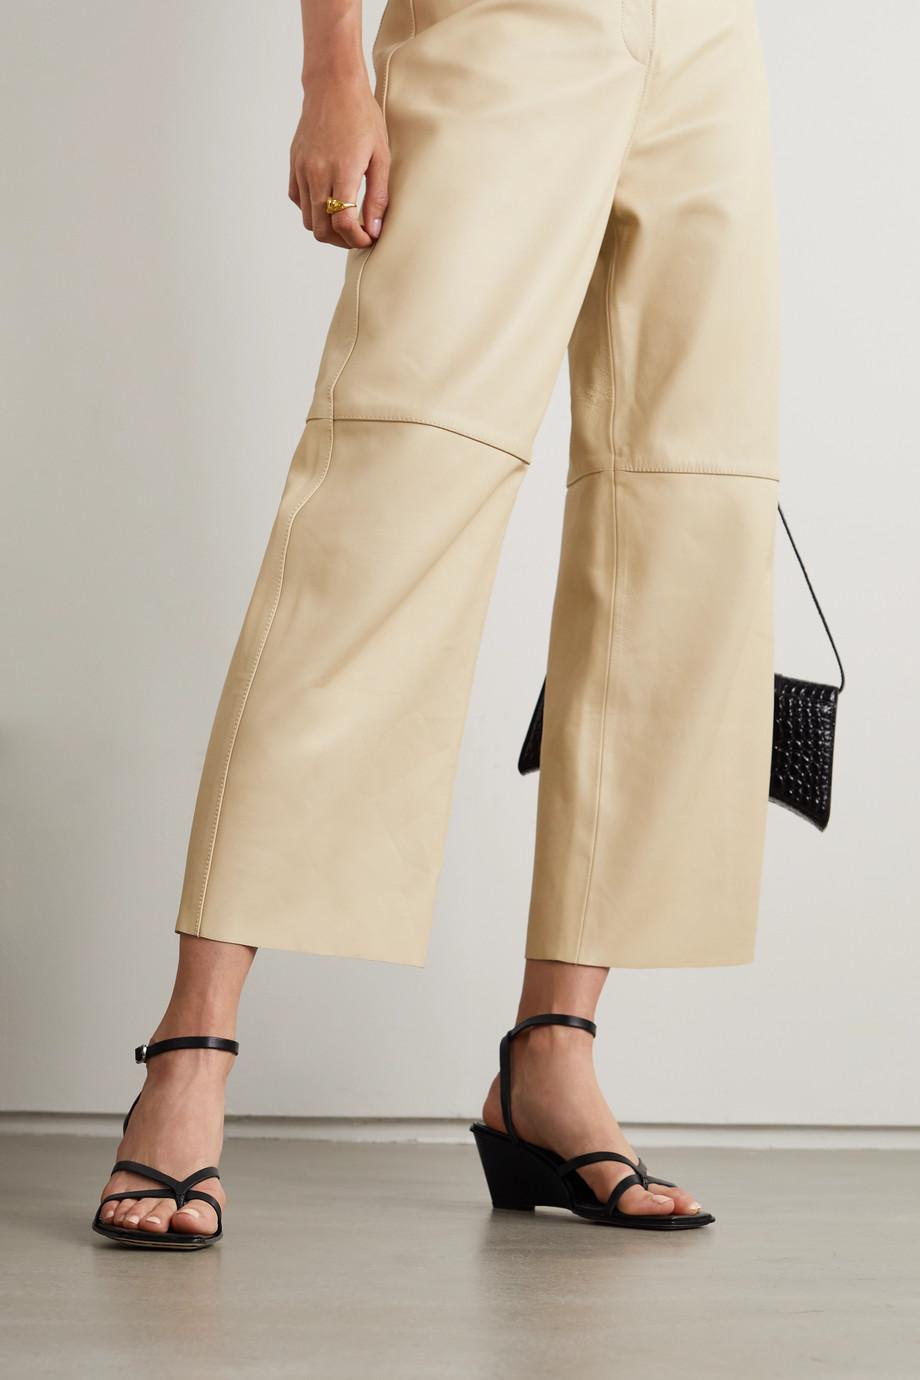 3.1 Phillip Lim Laura leather wedge sandals